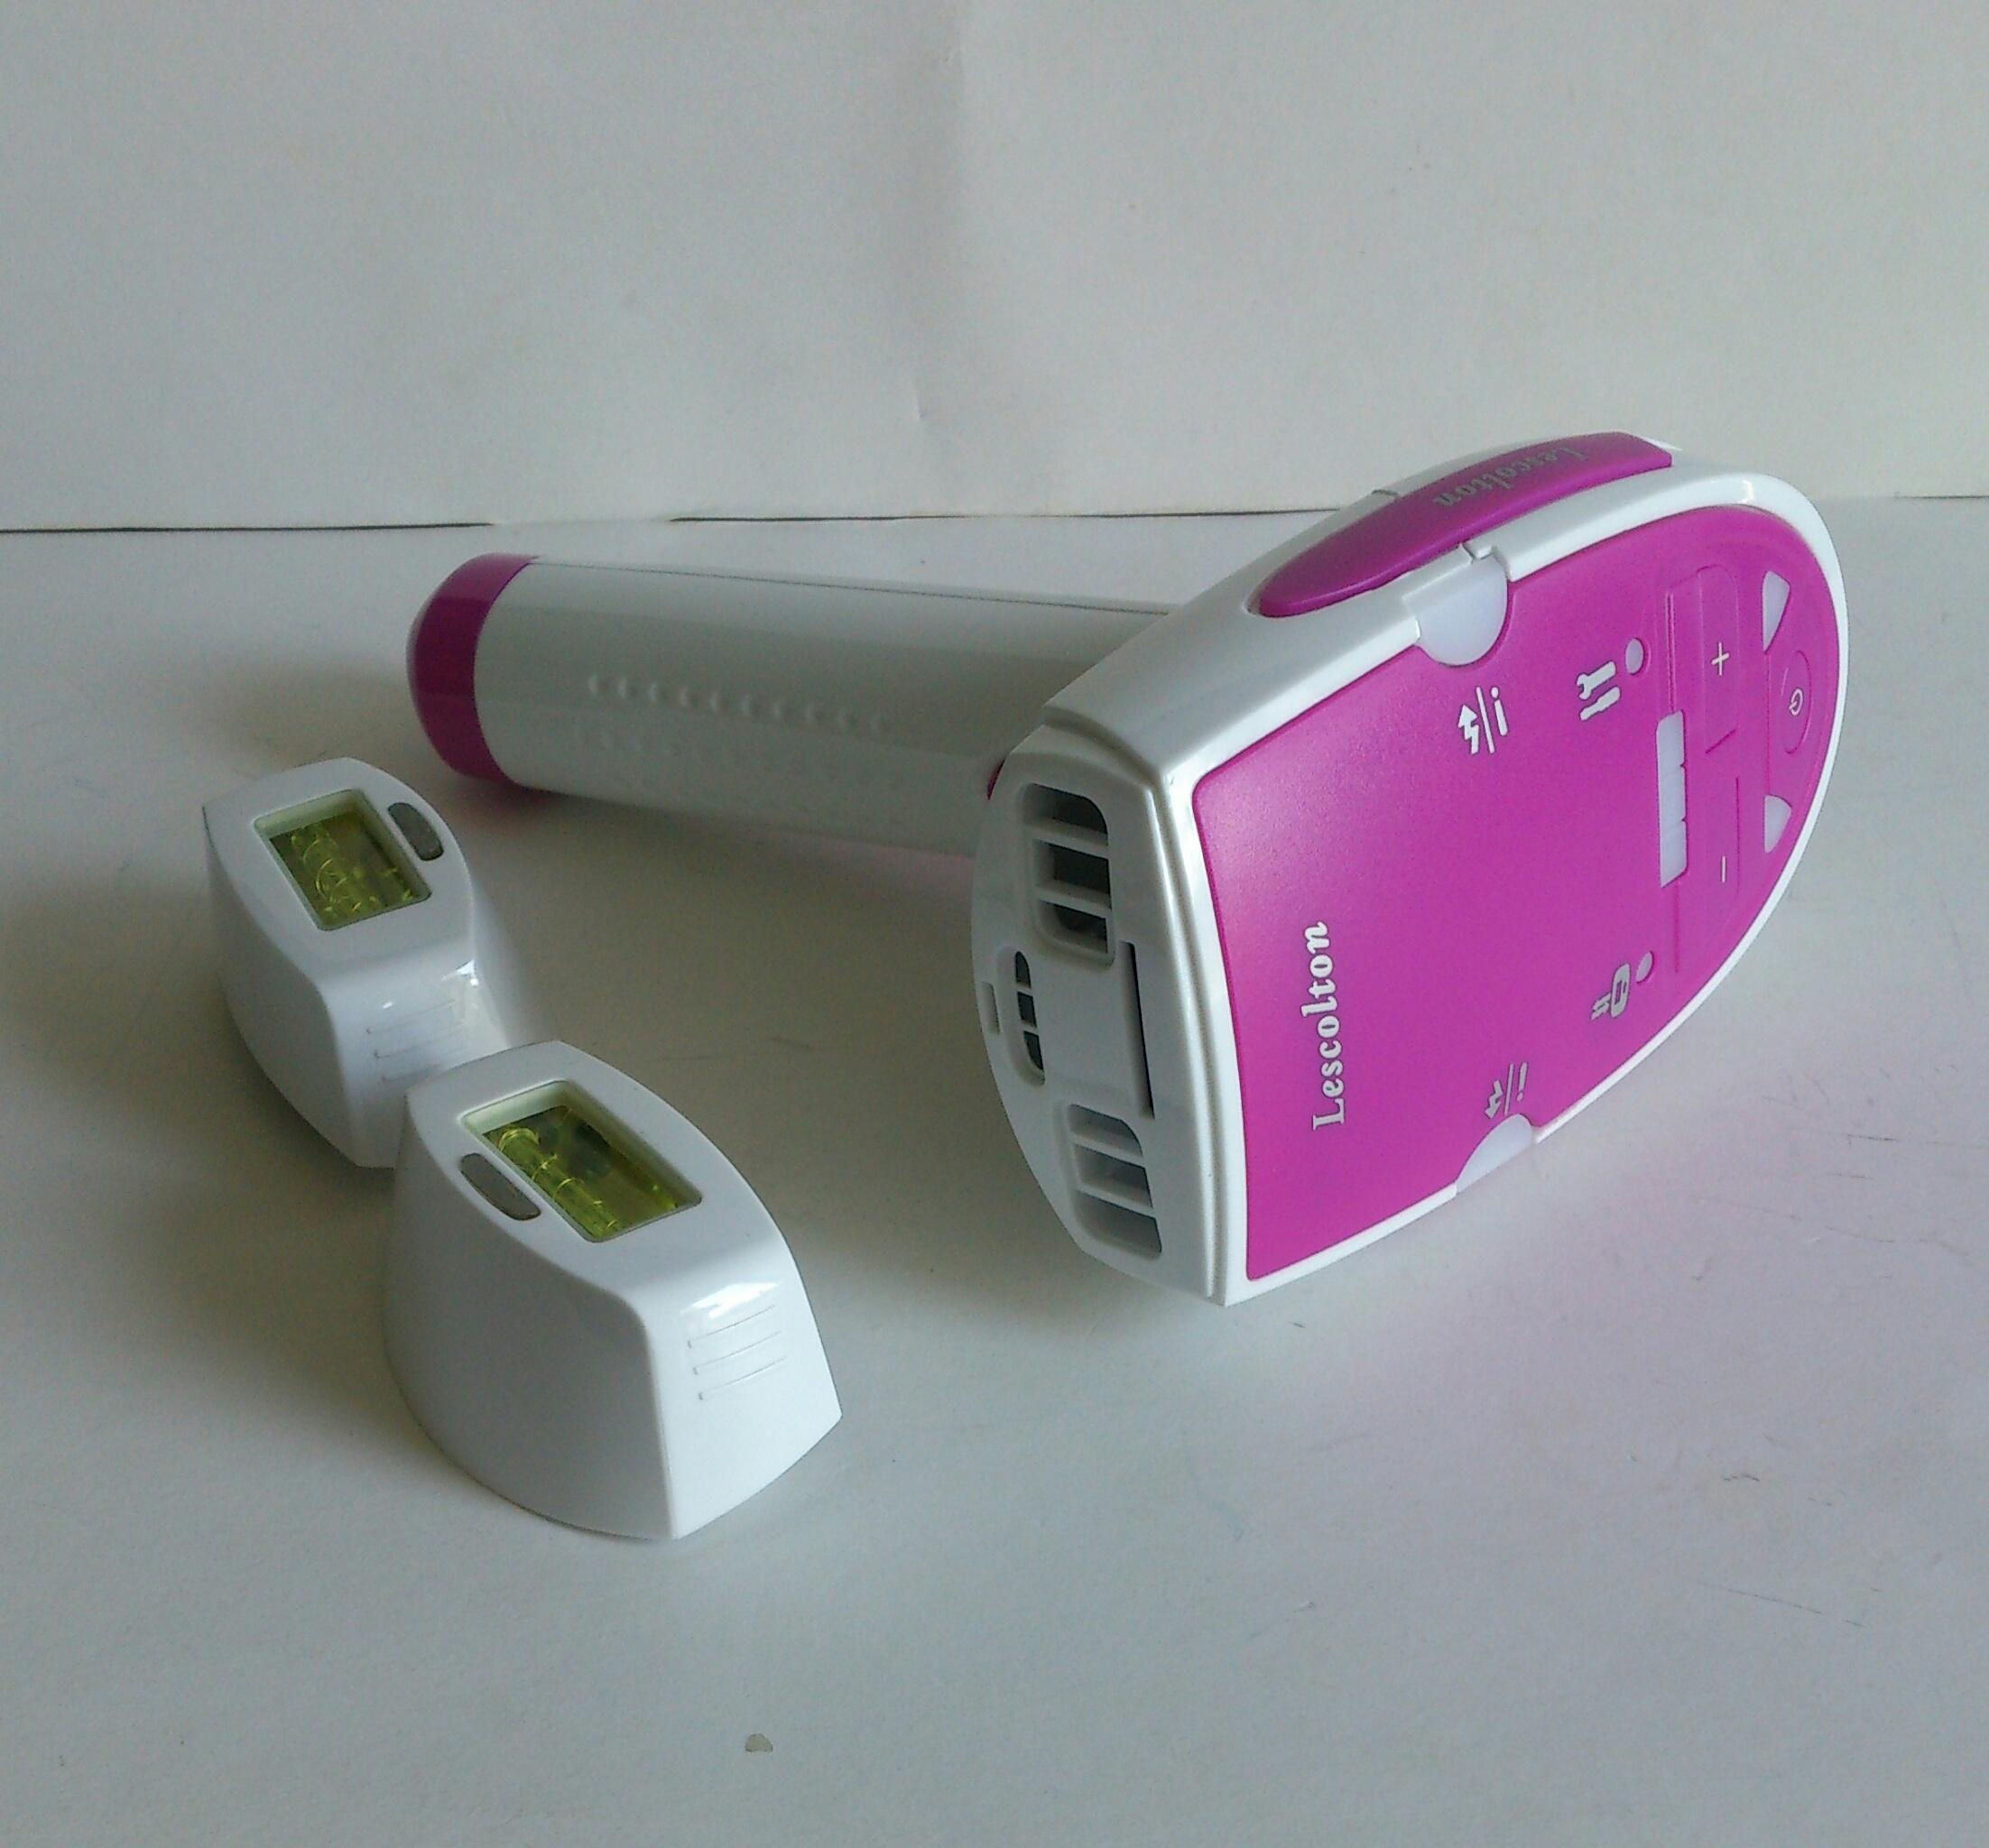 Laser-Haarentfernung System Epilierer Exklusives Haus gepulst LightTM Technologie Schnell Painless Dauerhafte Haarentfernung Grainer Rosa / Blue von D